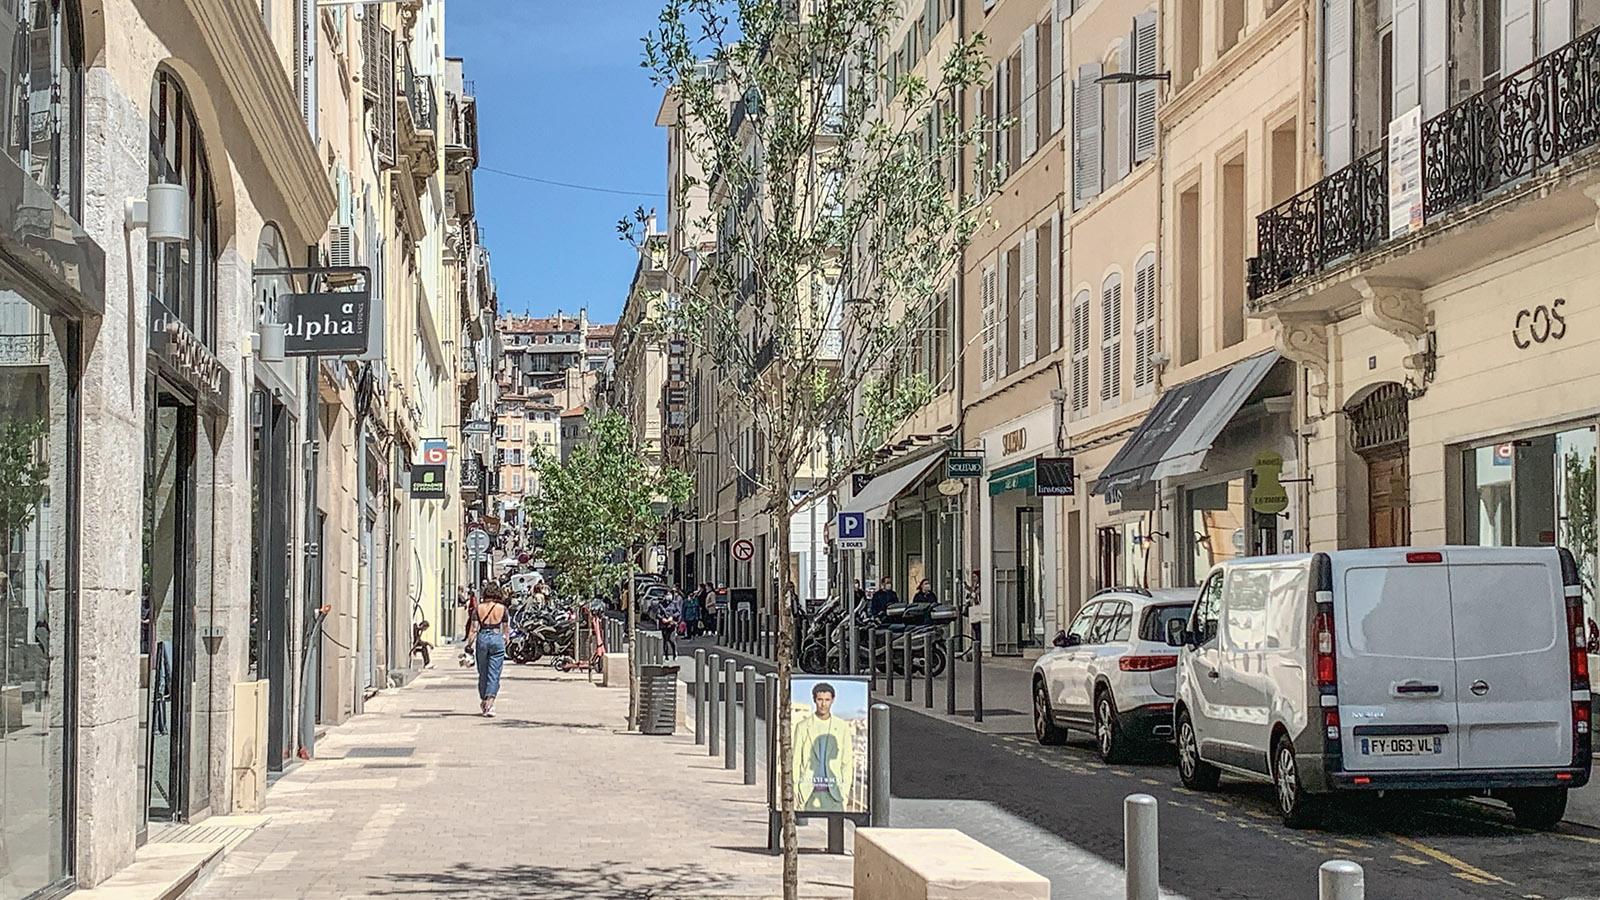 Frisch gepflanzt: die Bäume der Rue Francis Davso, einer schicken Einkaufsstraße in Marseille. Foto: Hilke Maunder